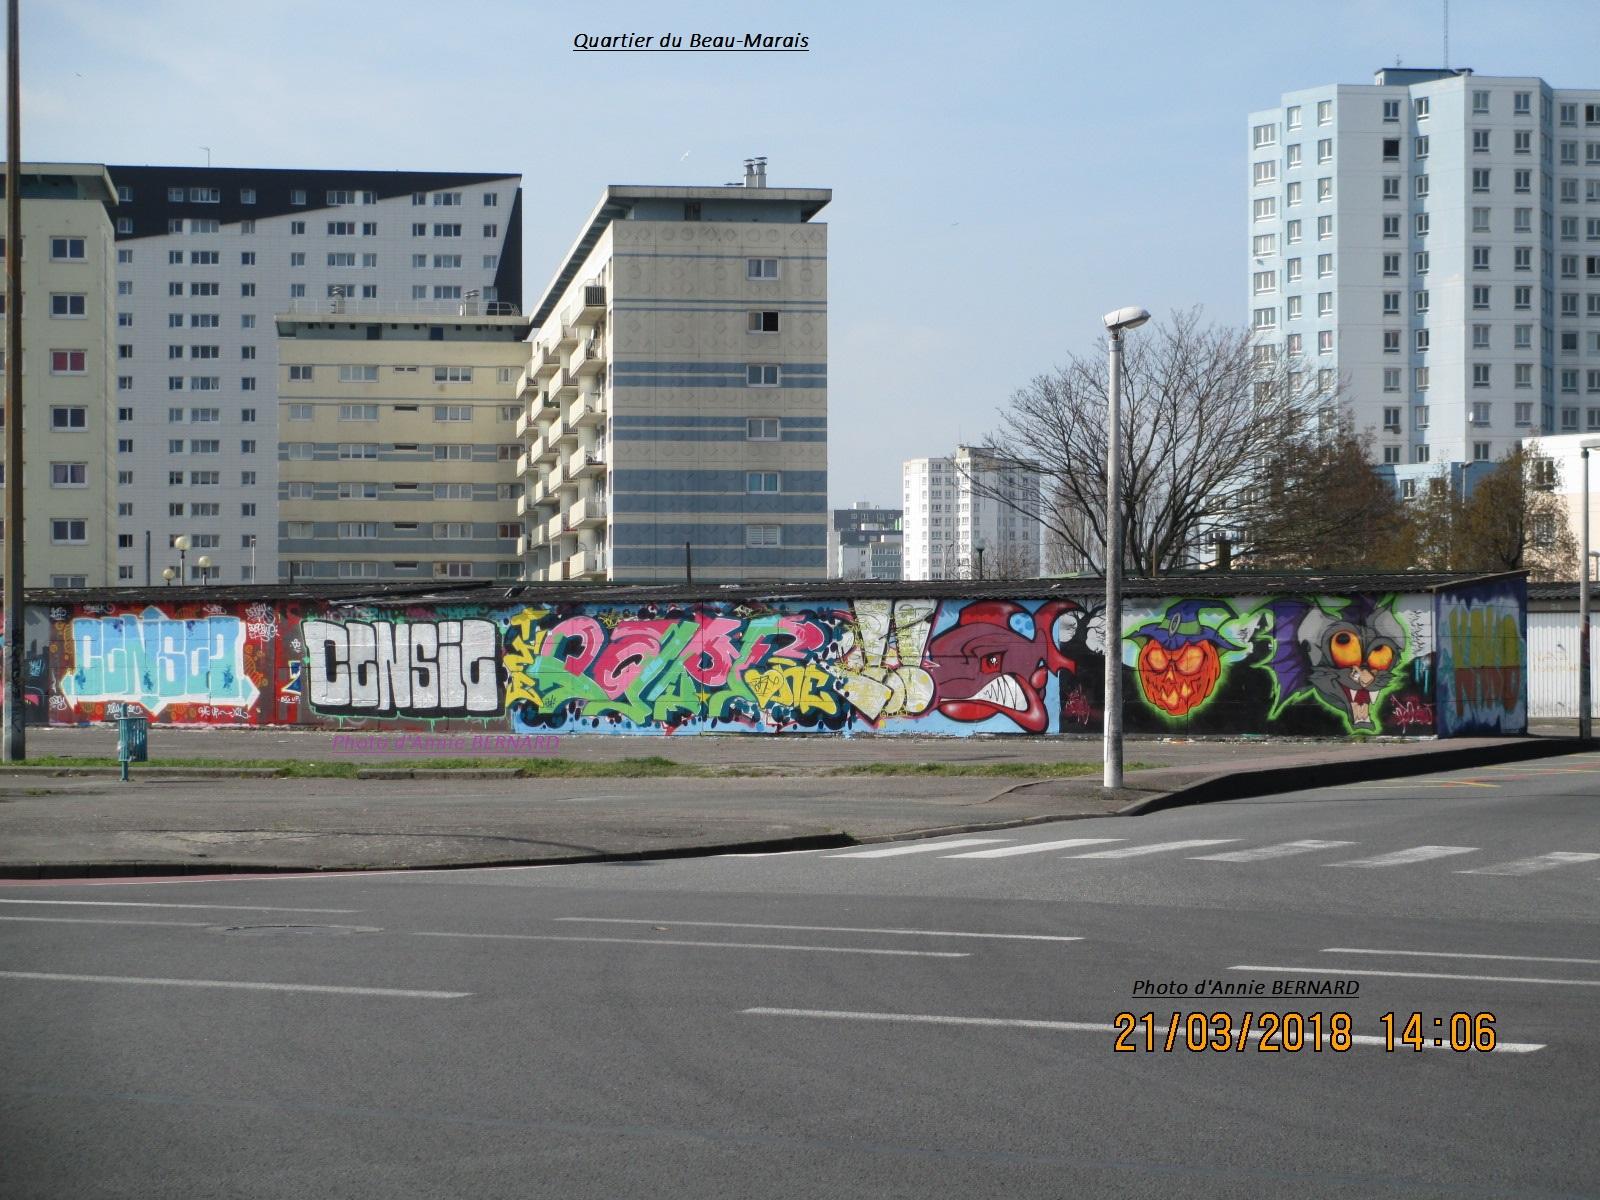 Quartier du Beau-Marais et de l'art urbain